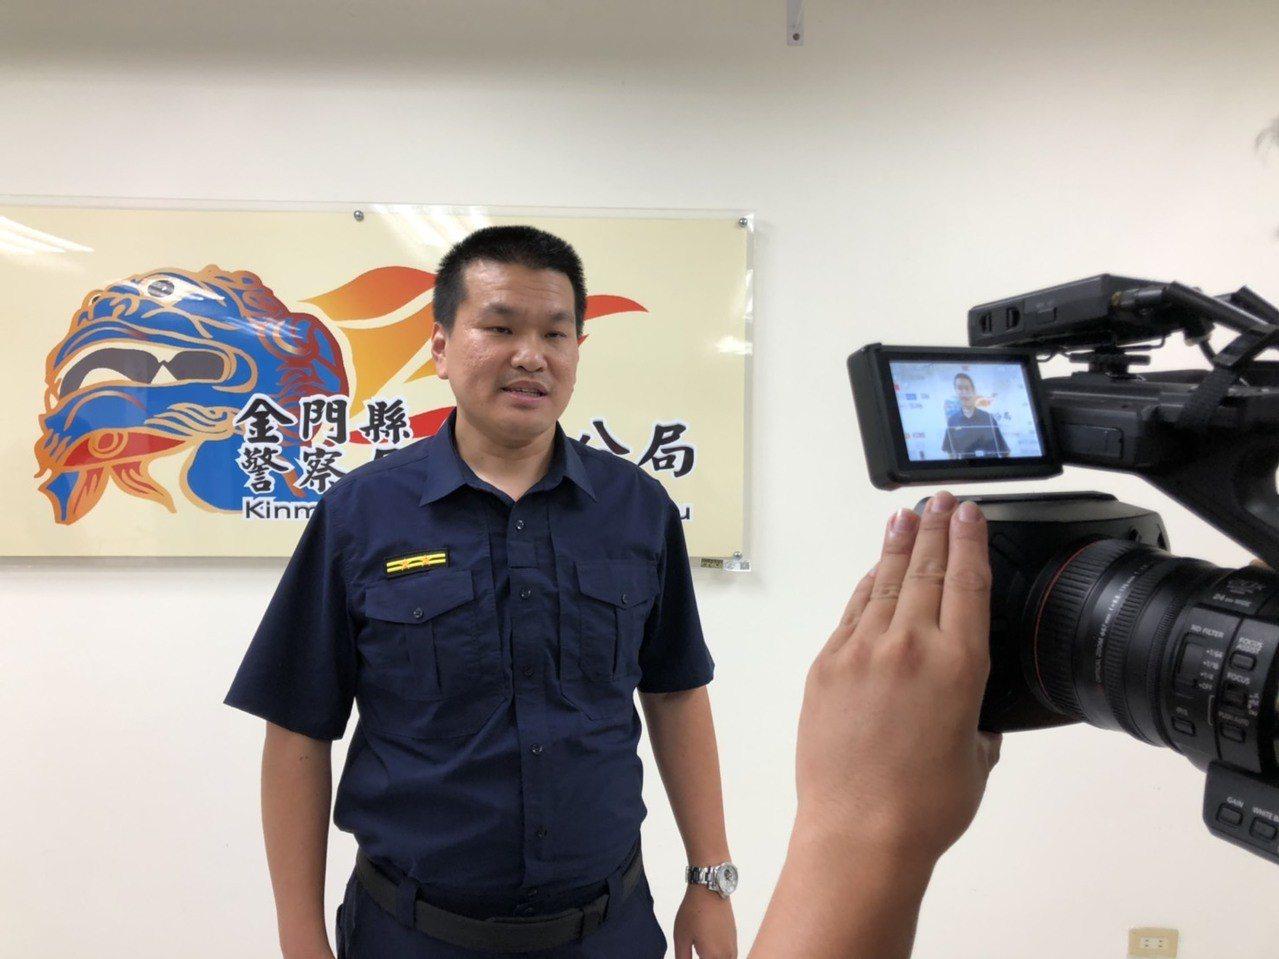 金湖分局一組組長廖建棠在今天上午表示,整起車禍疑似是酒駕肇禍,目前傷者已脫離險境...